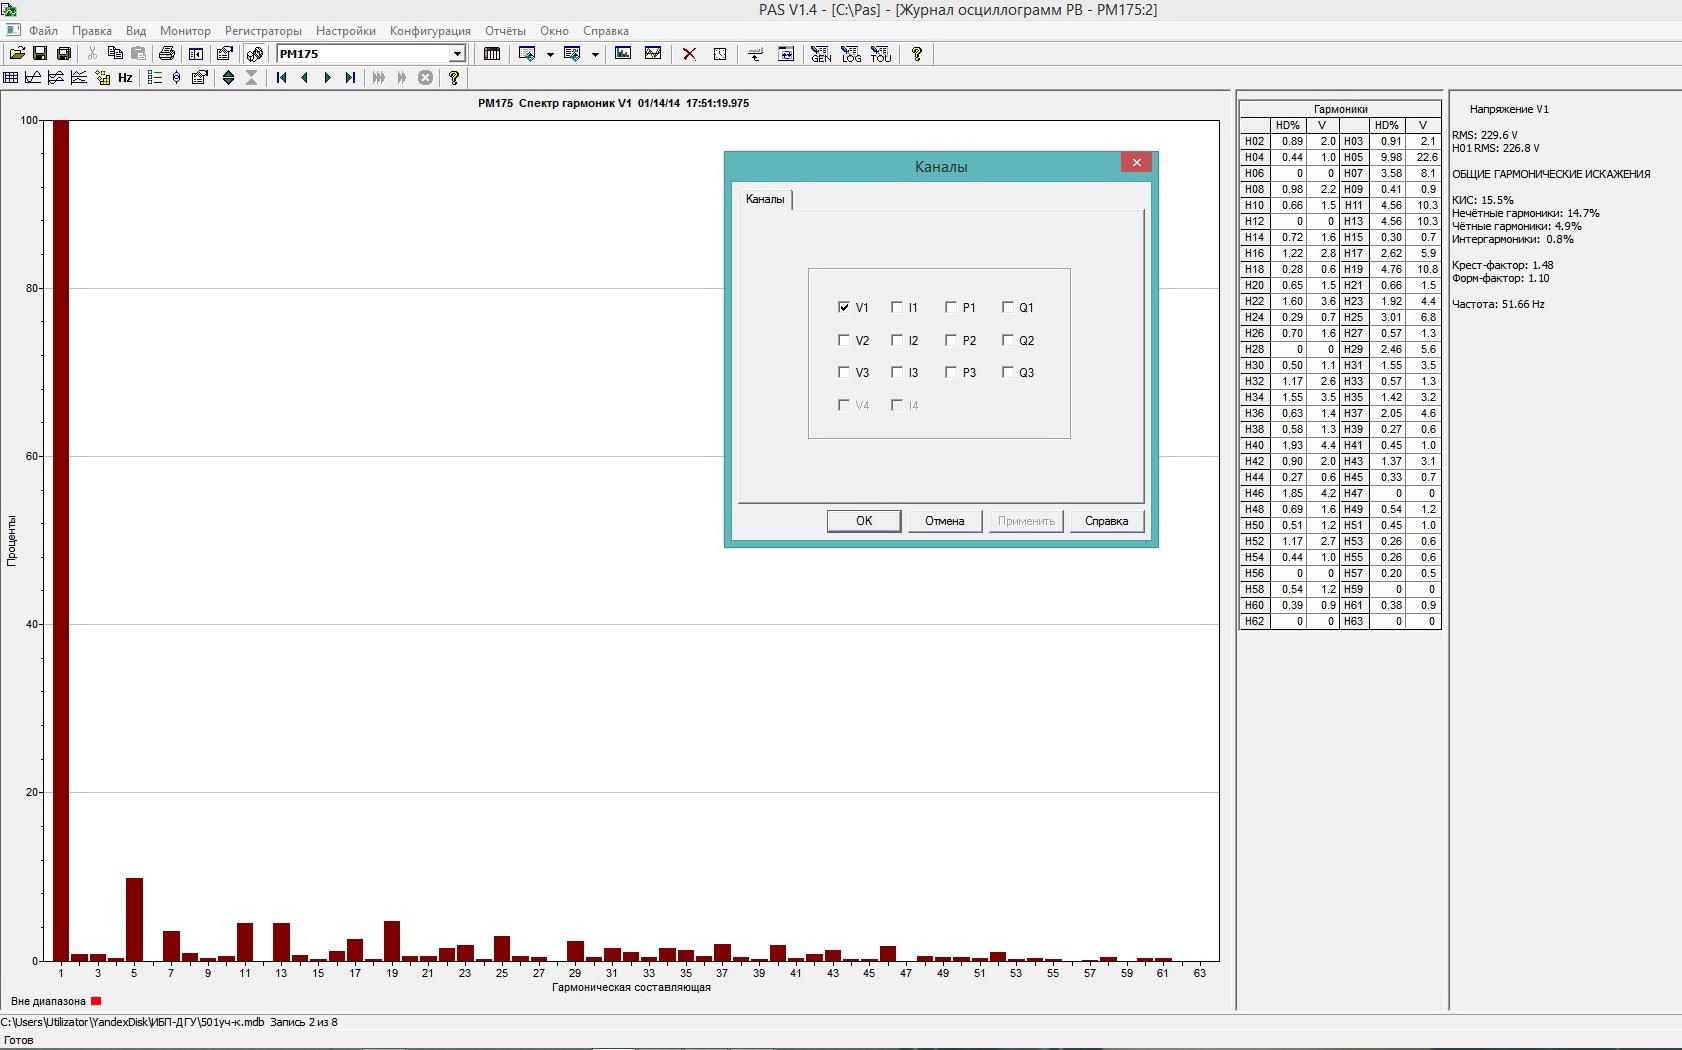 Рис. 3  - окно программы PAS спектр гармоник - гистограмма.